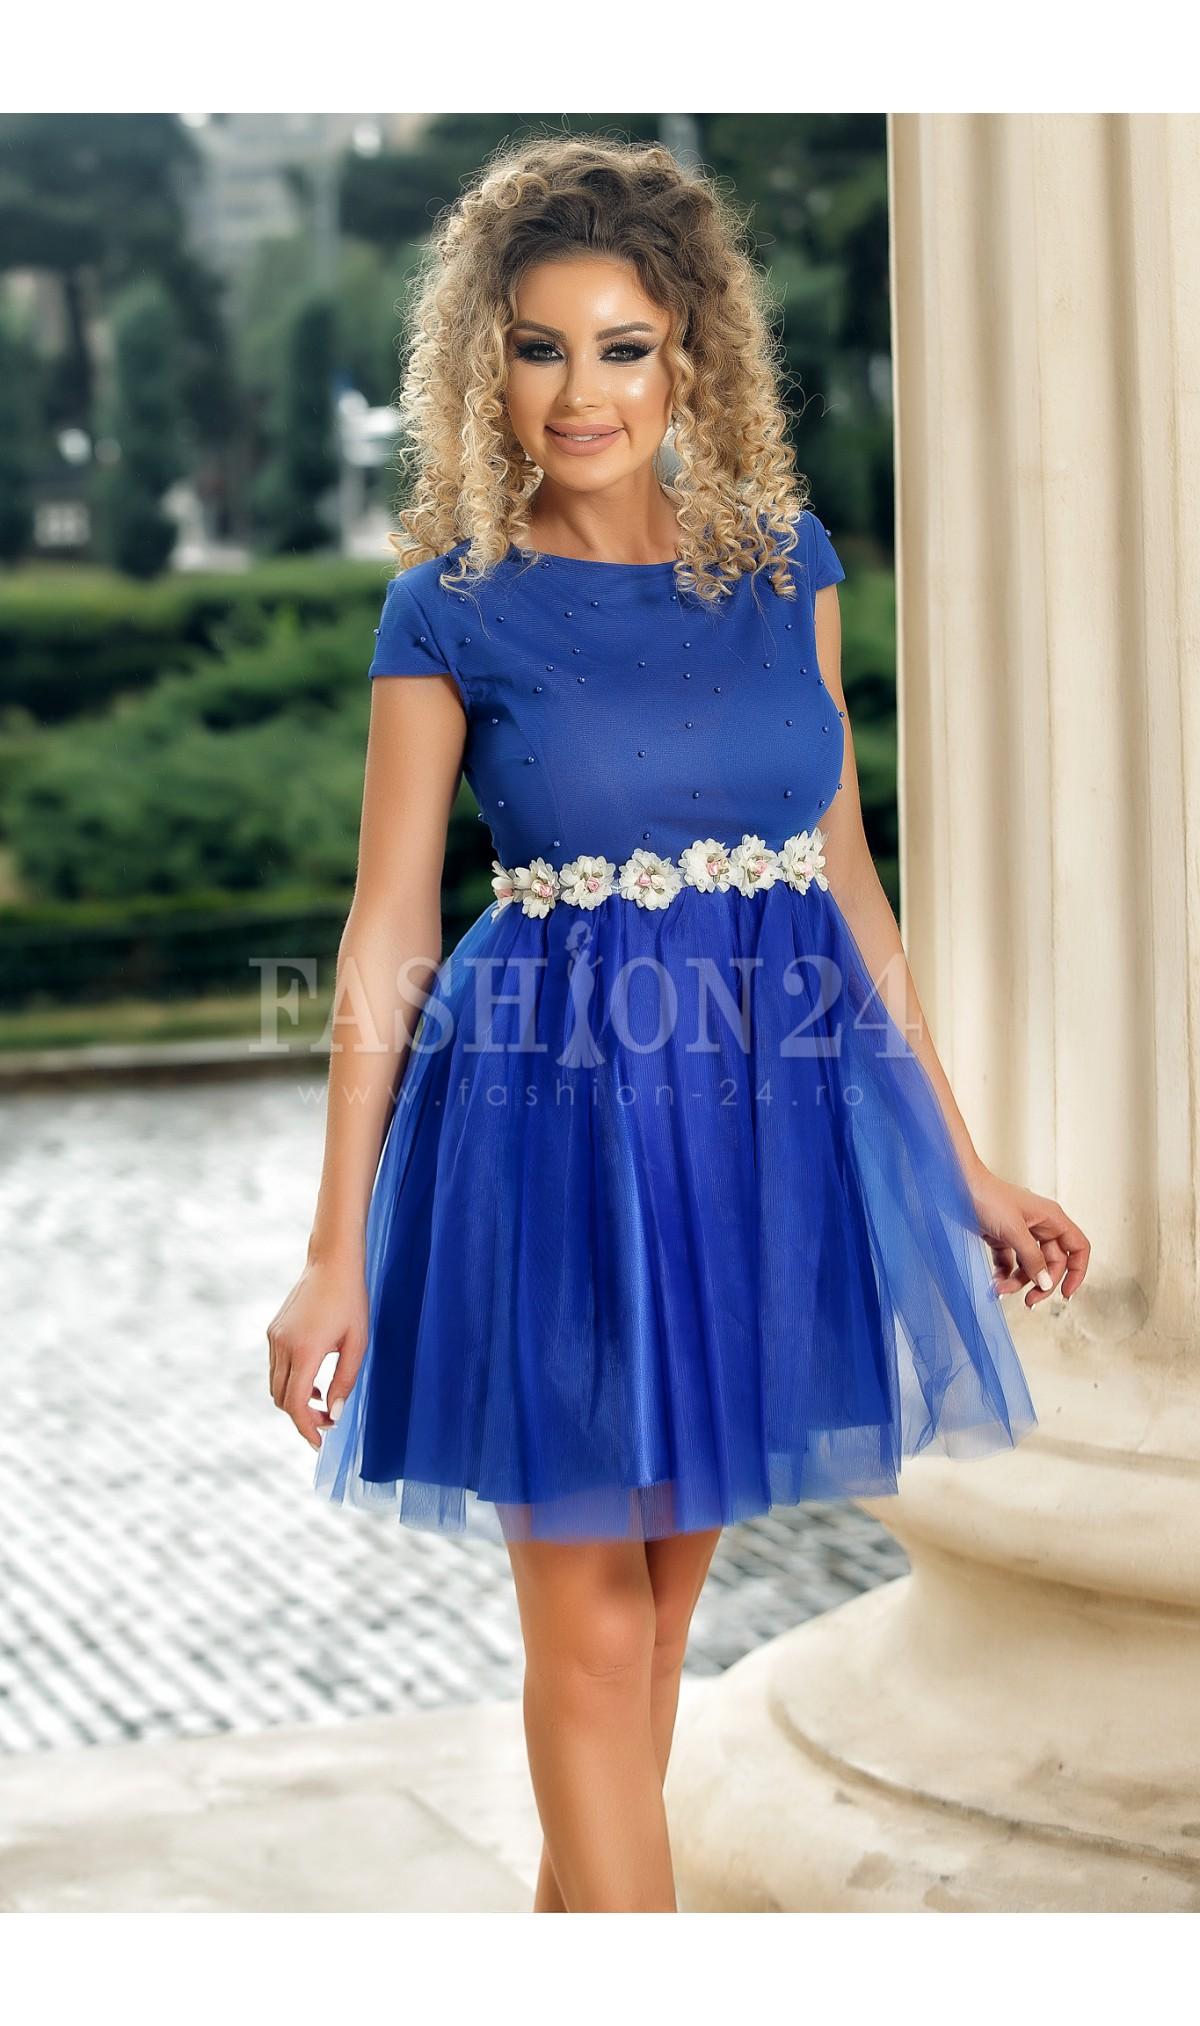 Rochie de seara albastra Romina cu tul si broderie